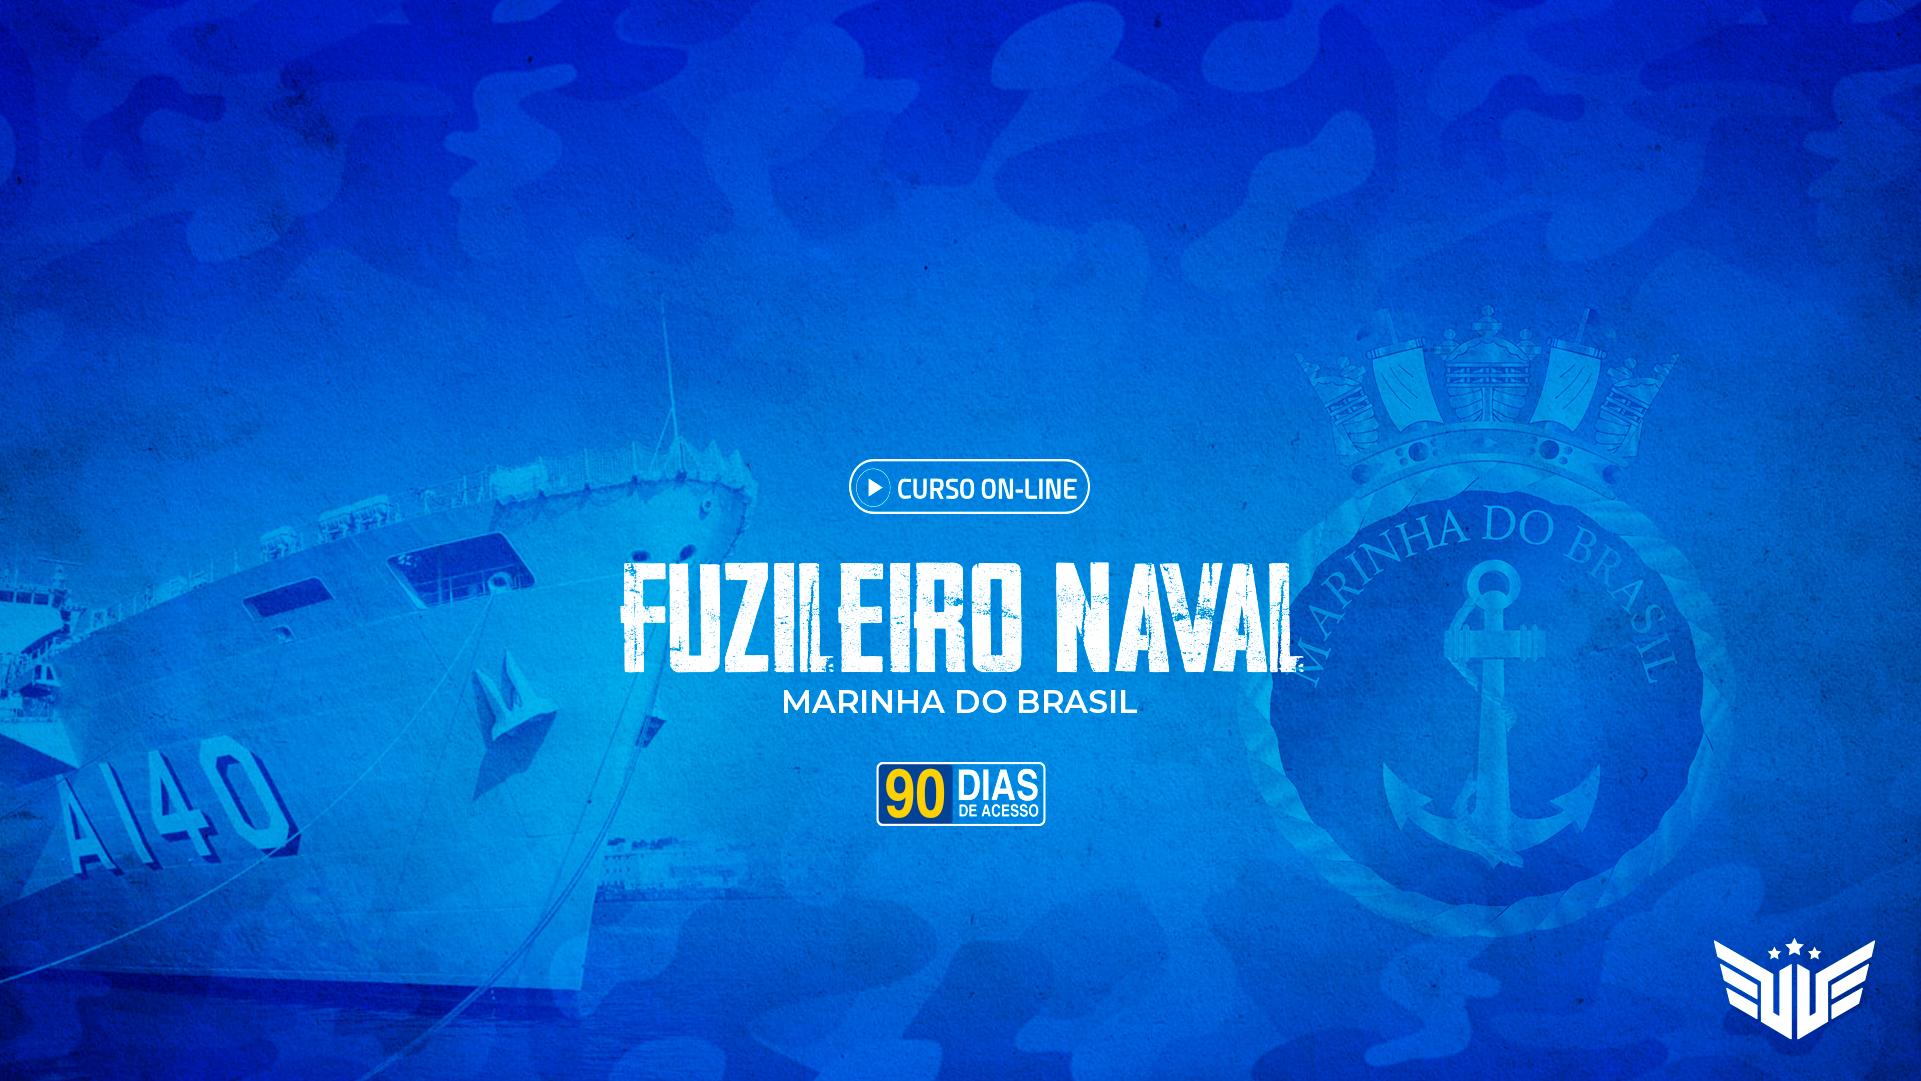 Concurso fuzileiro naval marinha do brasil